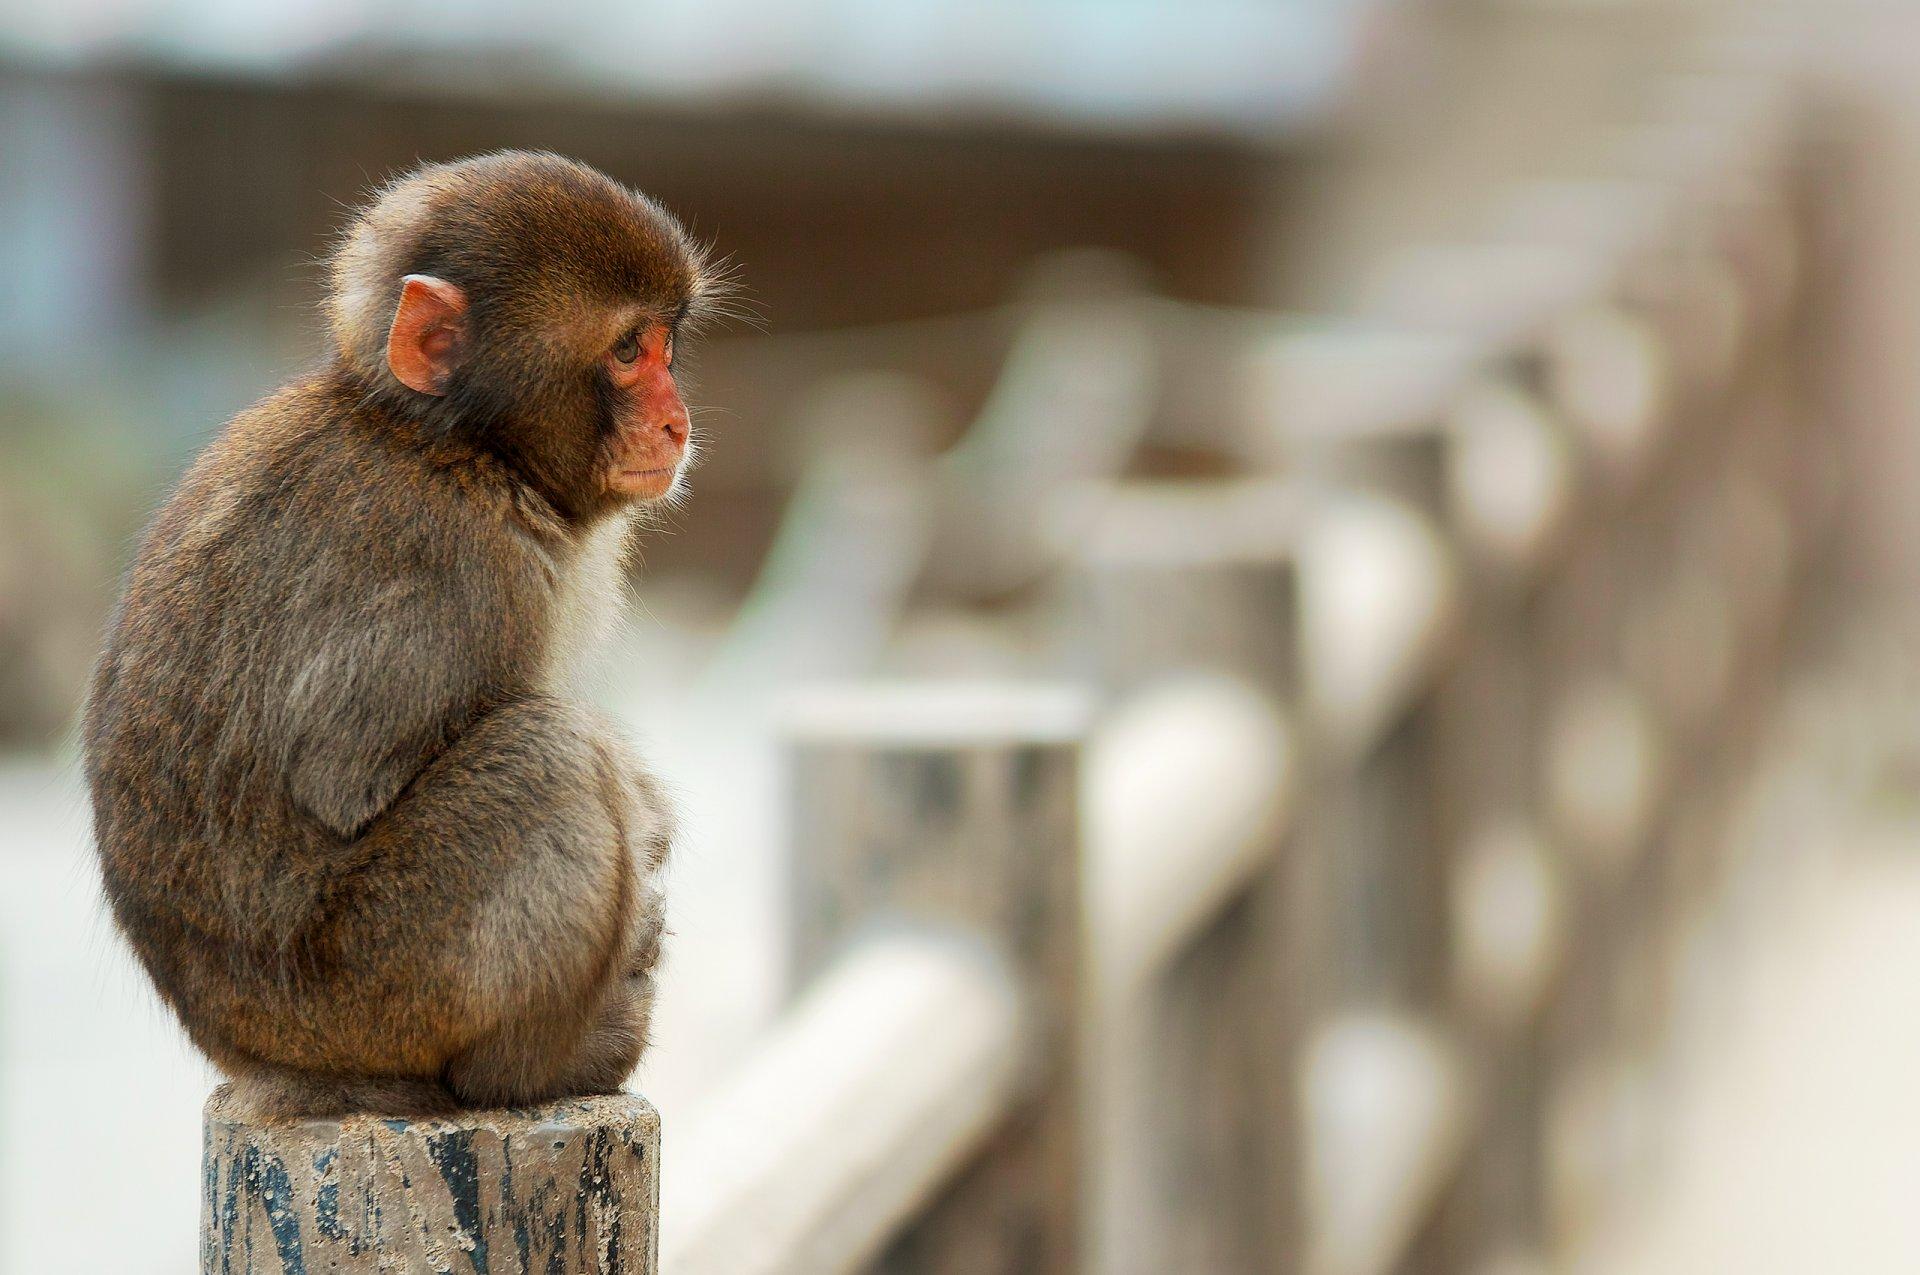 проходили обезьяны на столе картинка зовут